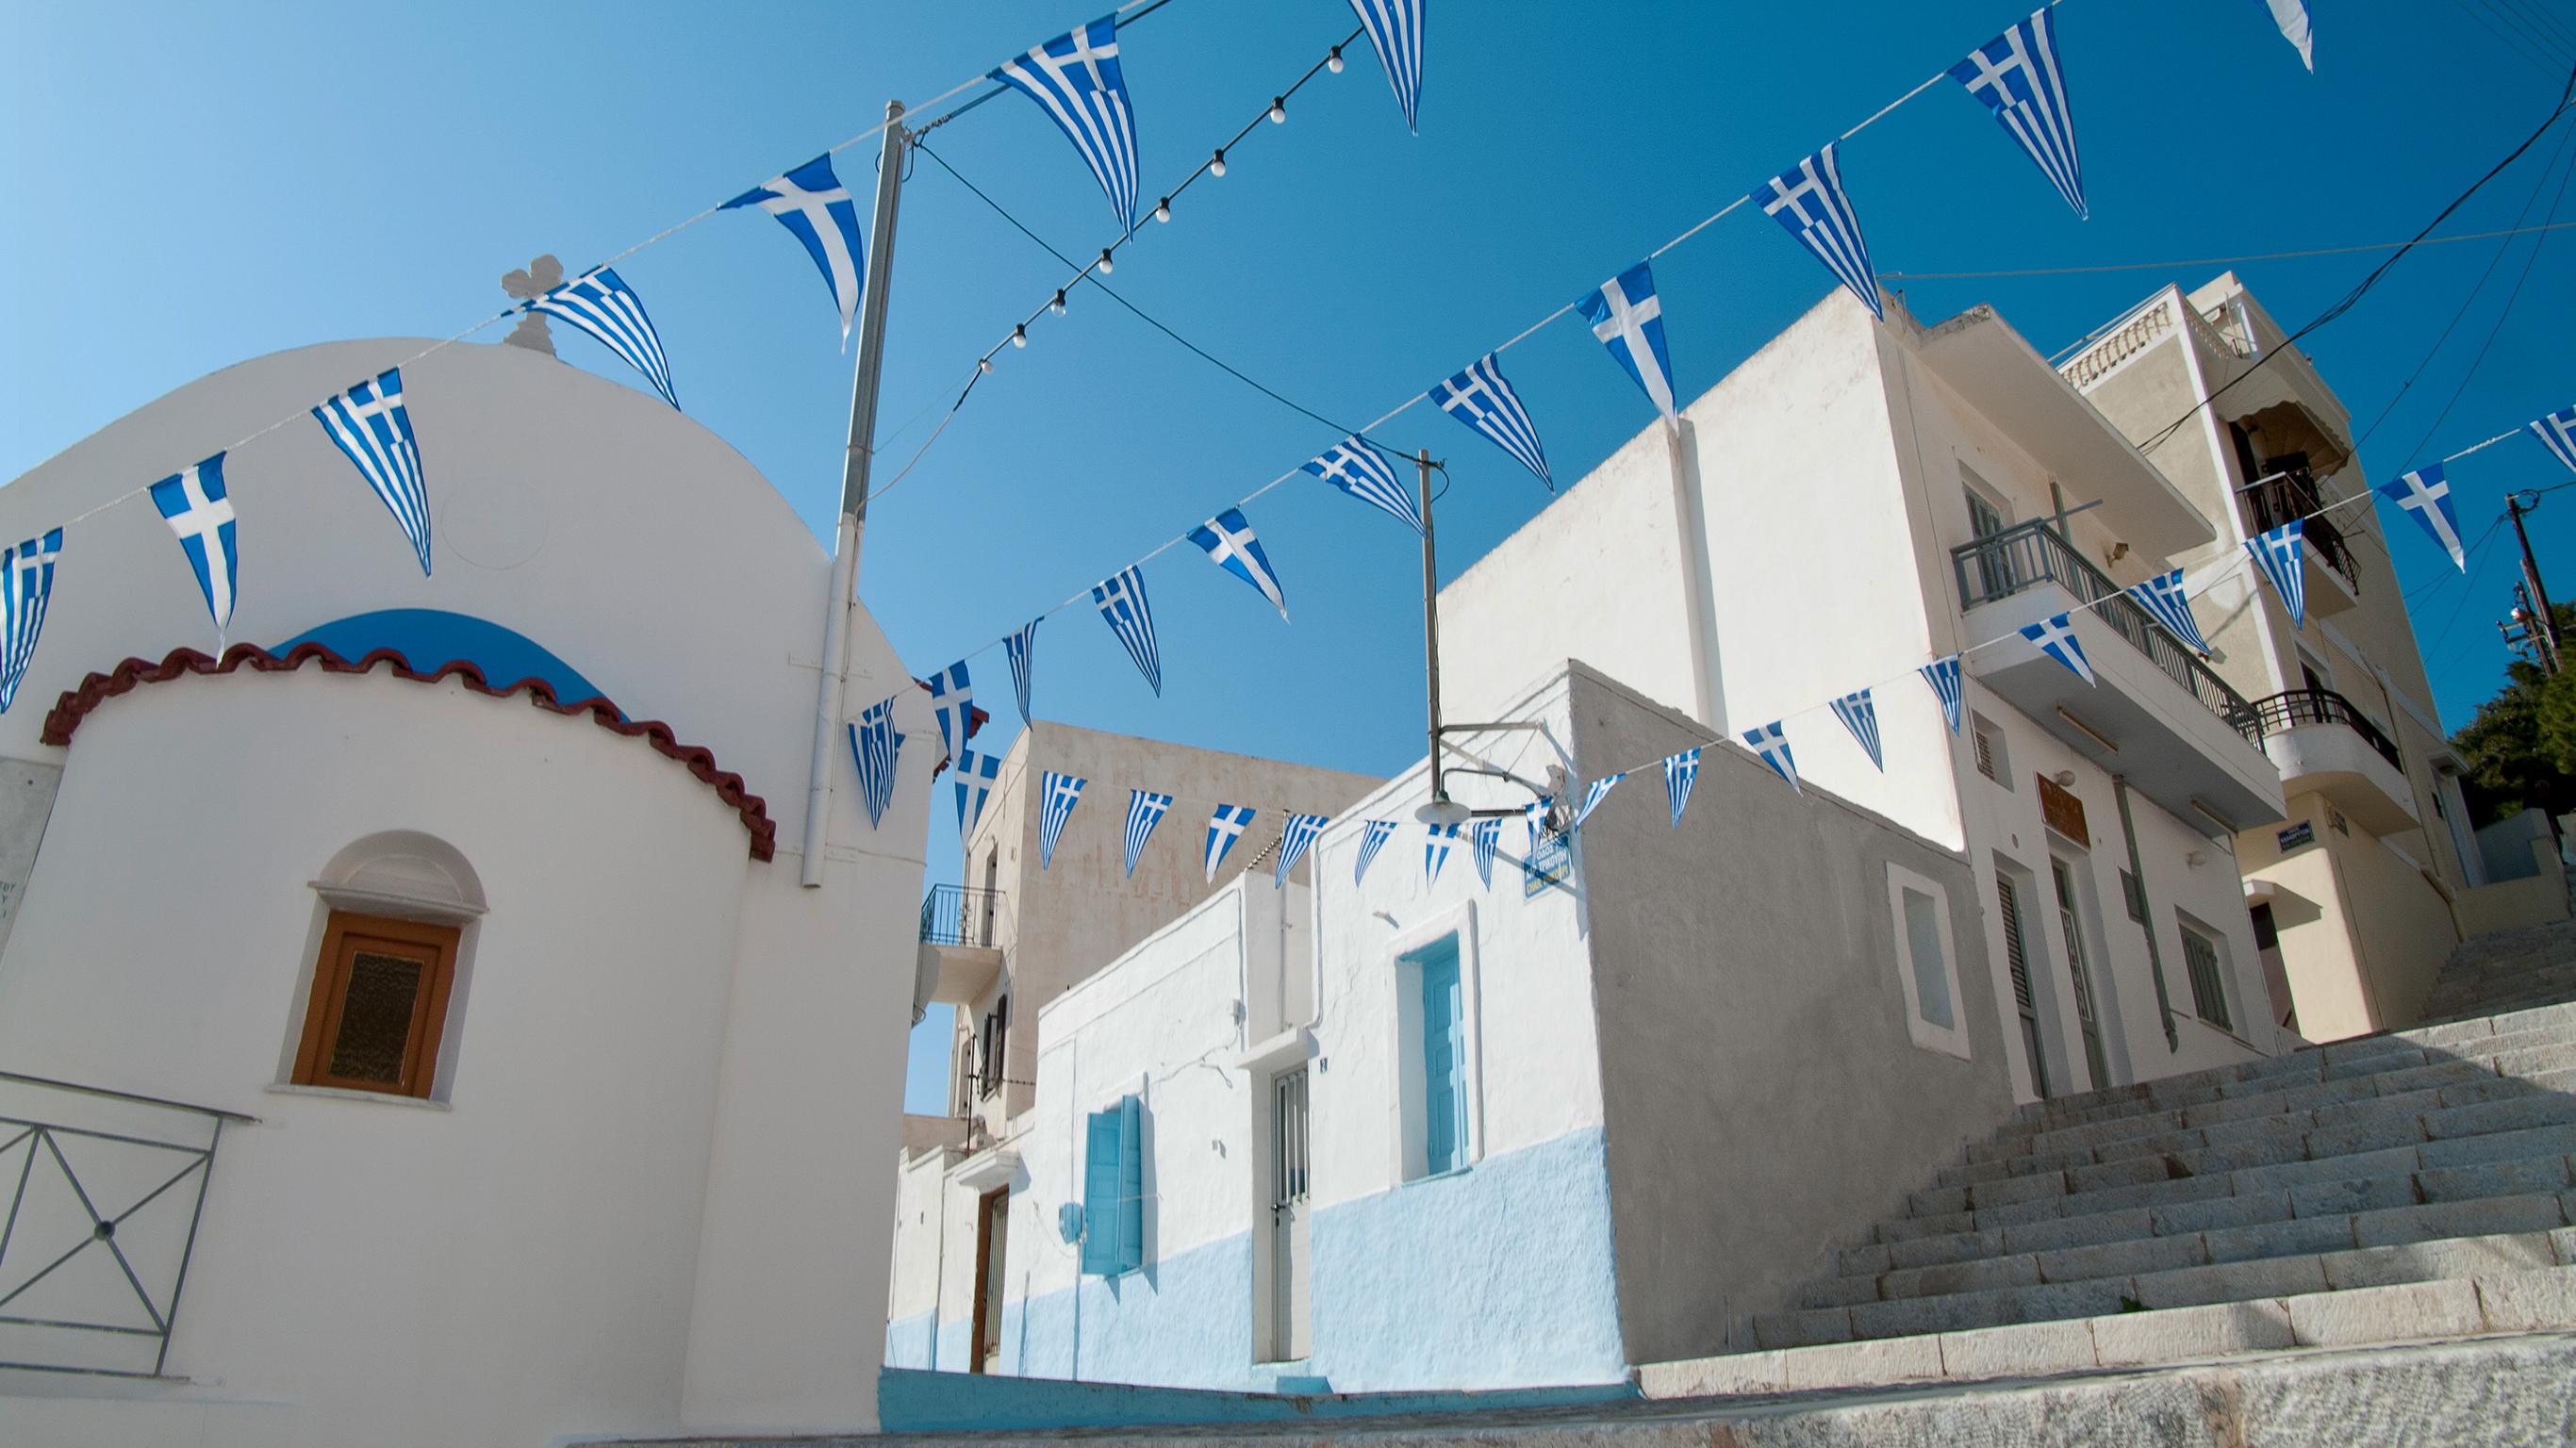 Segeln in Griechenland – Von Mykonos nach Athen